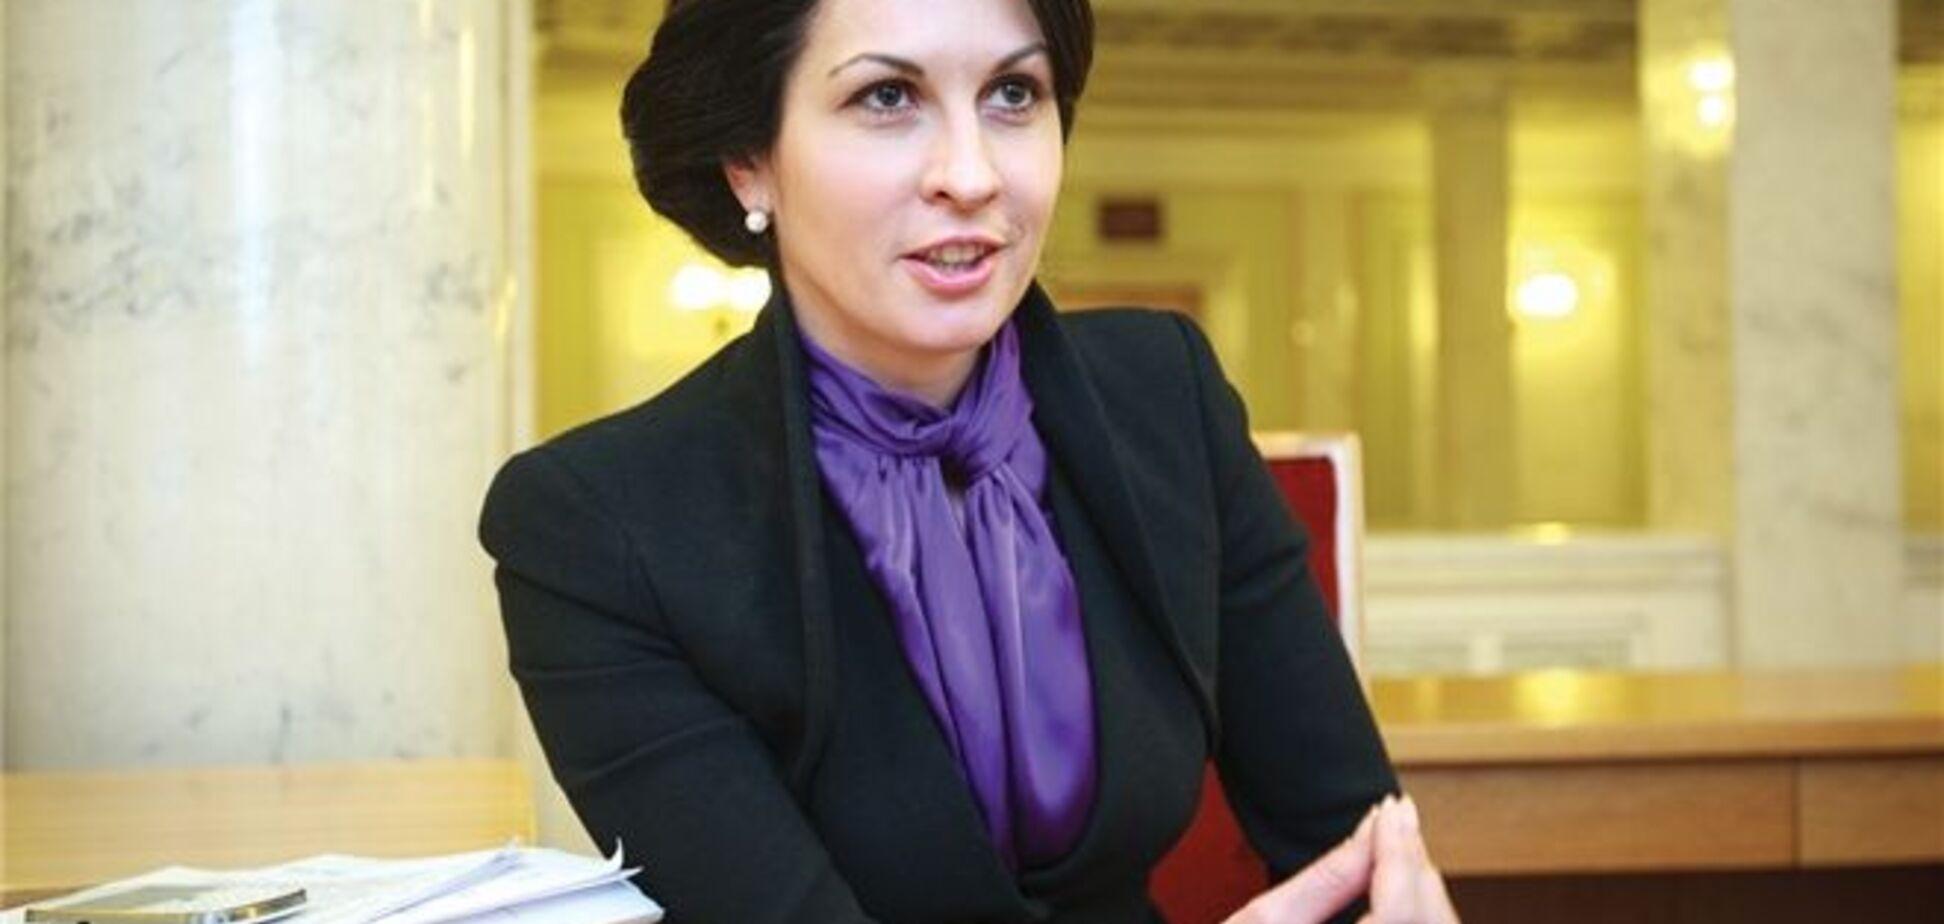 Оксана Калетник: дефіцит бюджету-2013 може досягти 80 млрд гривень